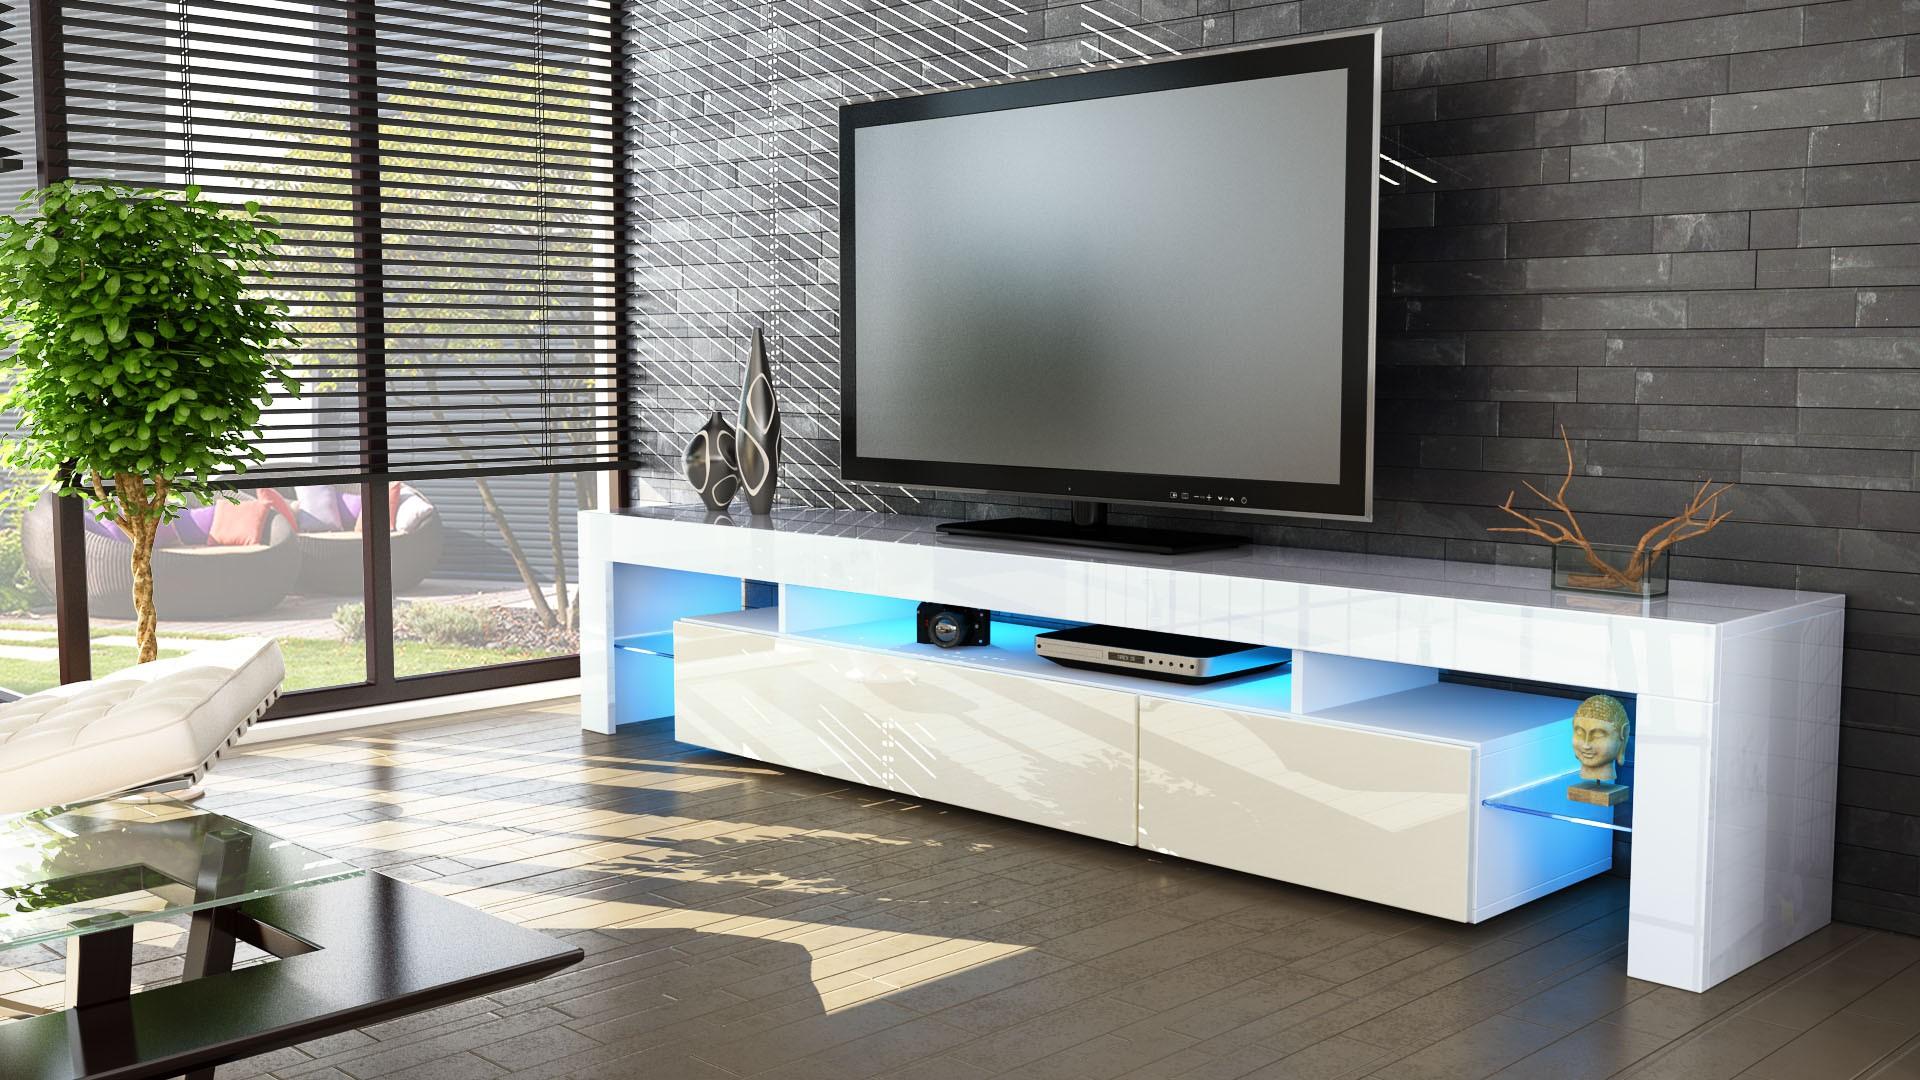 Meuble Tv Blanc Et Cr Me 189 Cm Avec Led Pour Meubles Tv Design A 4  # Meuble Moderne Television